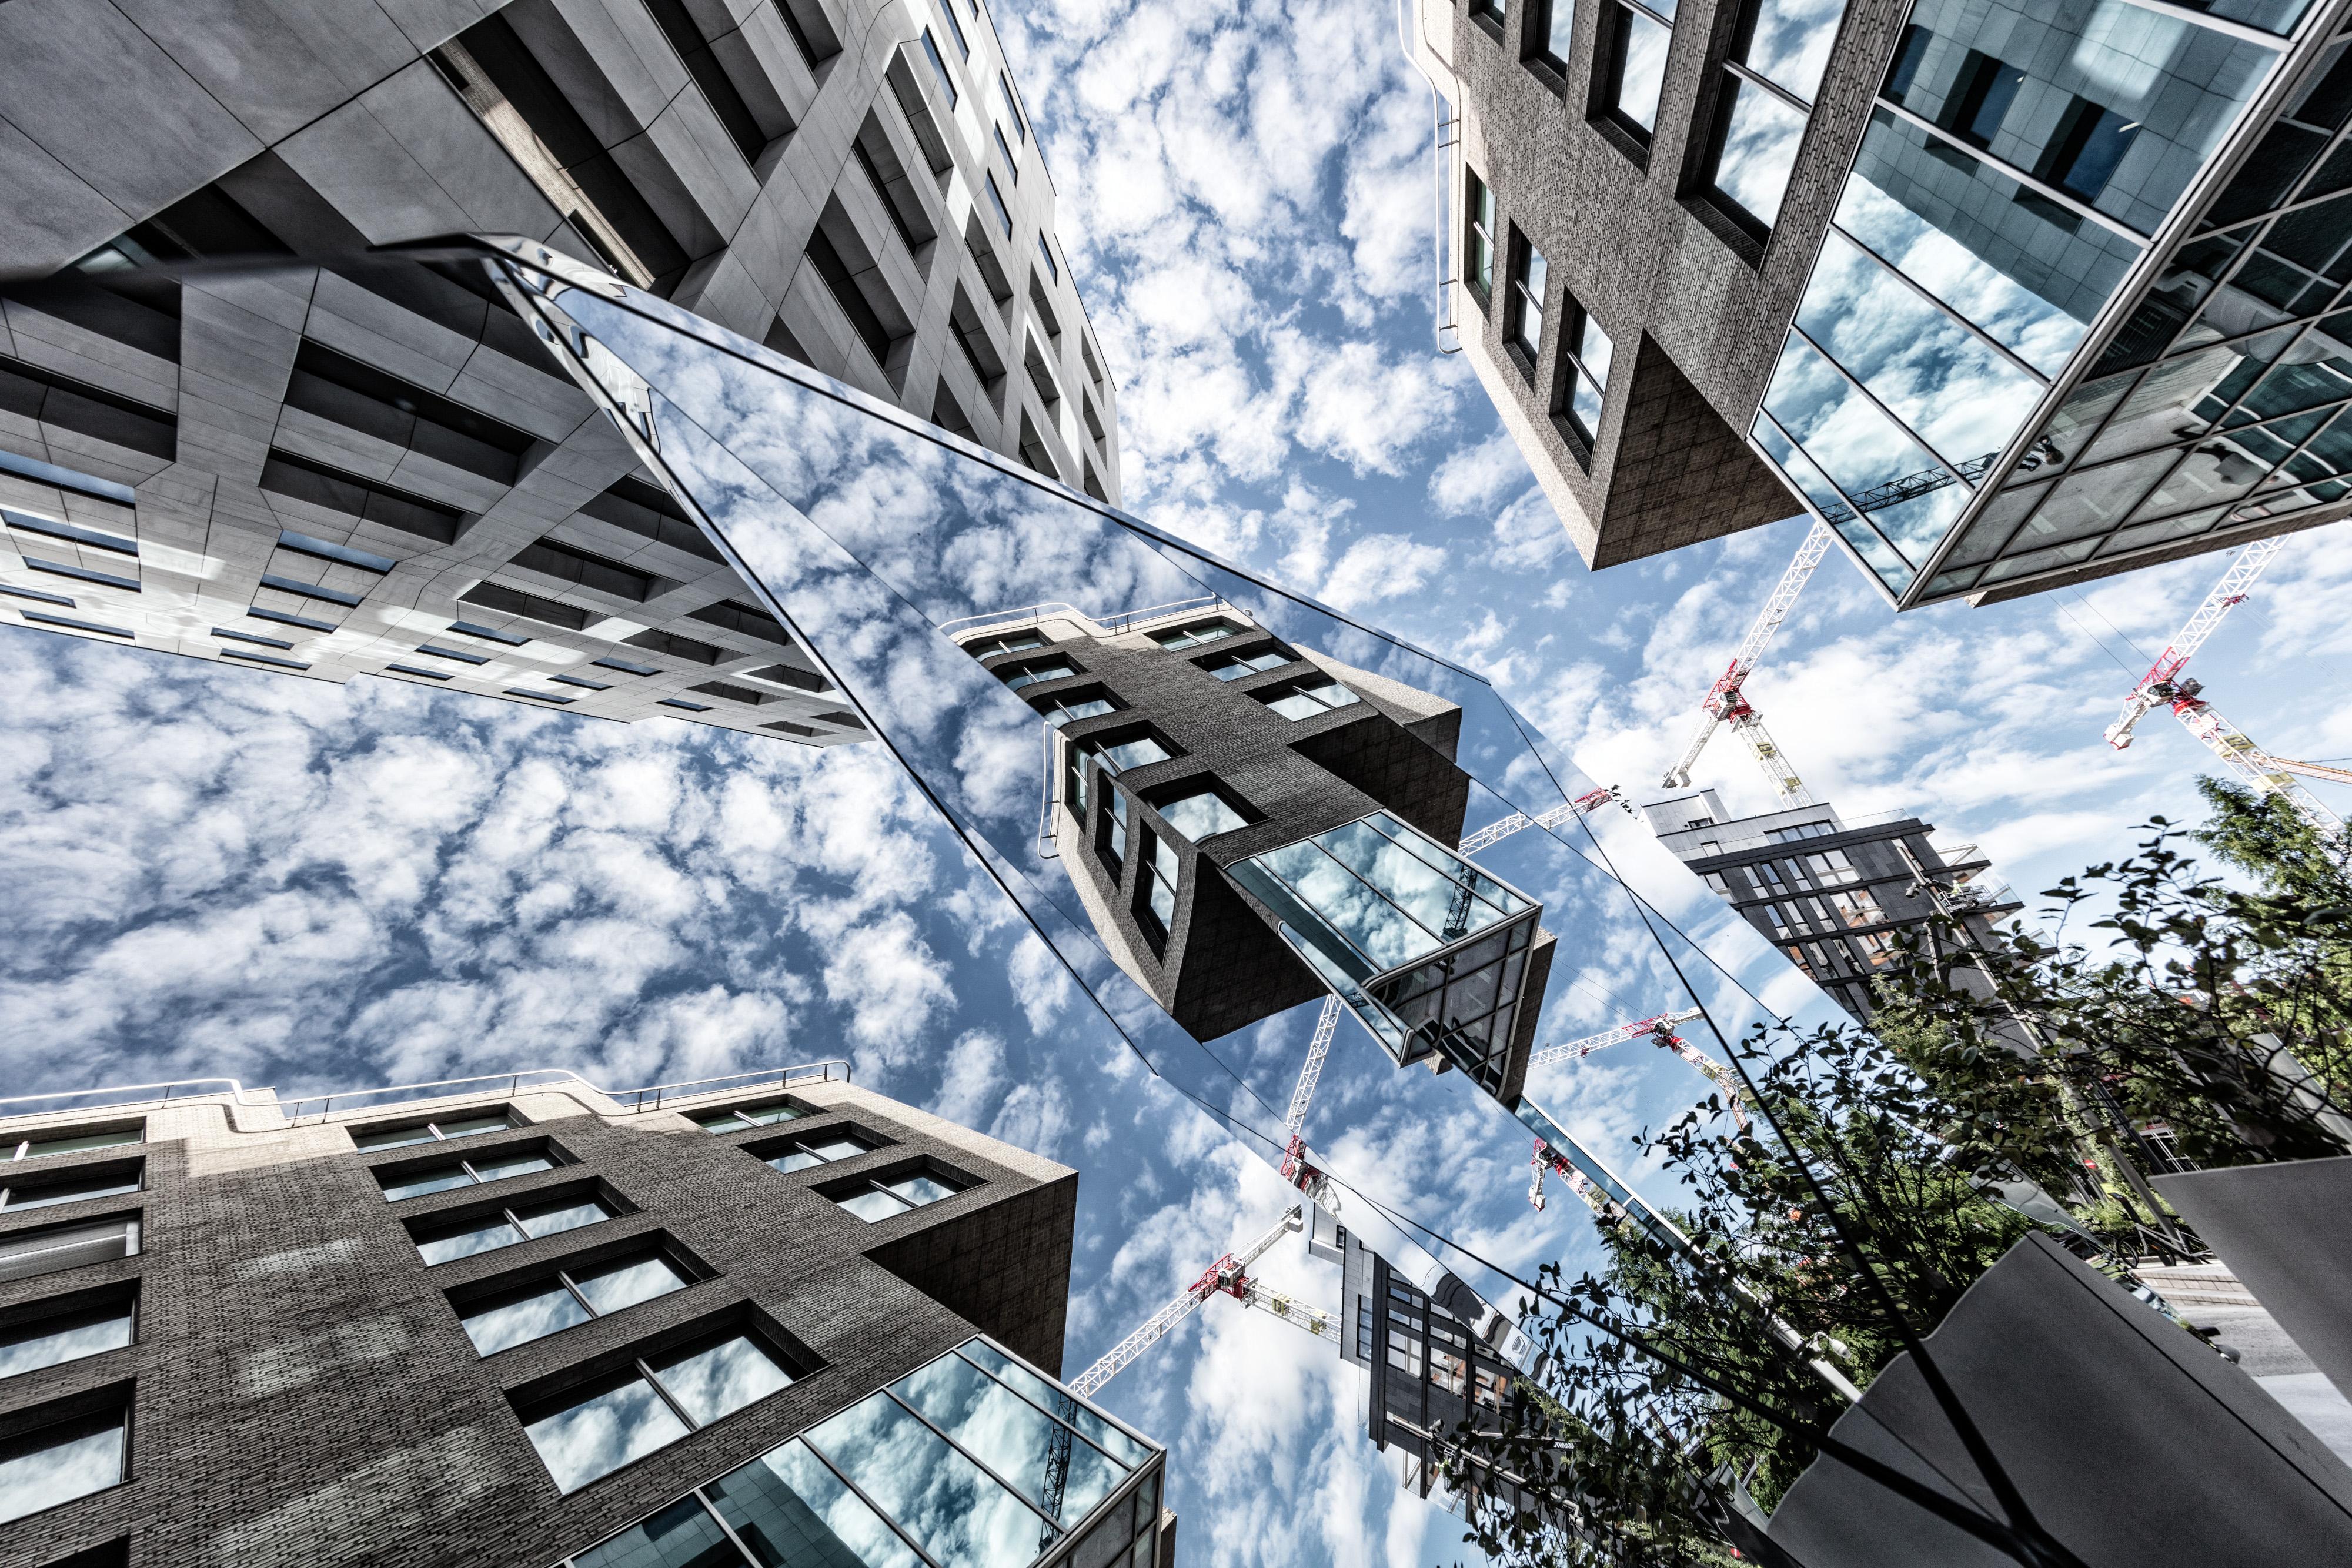 - En forutsetning for alle bygg som har fått plass i Barcode har vært at de måtte bidra til å gi området et spektakulært arkitektonisk preg – ingen bygninger eller fasader er like. Hver av de 12 husene har derfor fått sitt eget unike design.